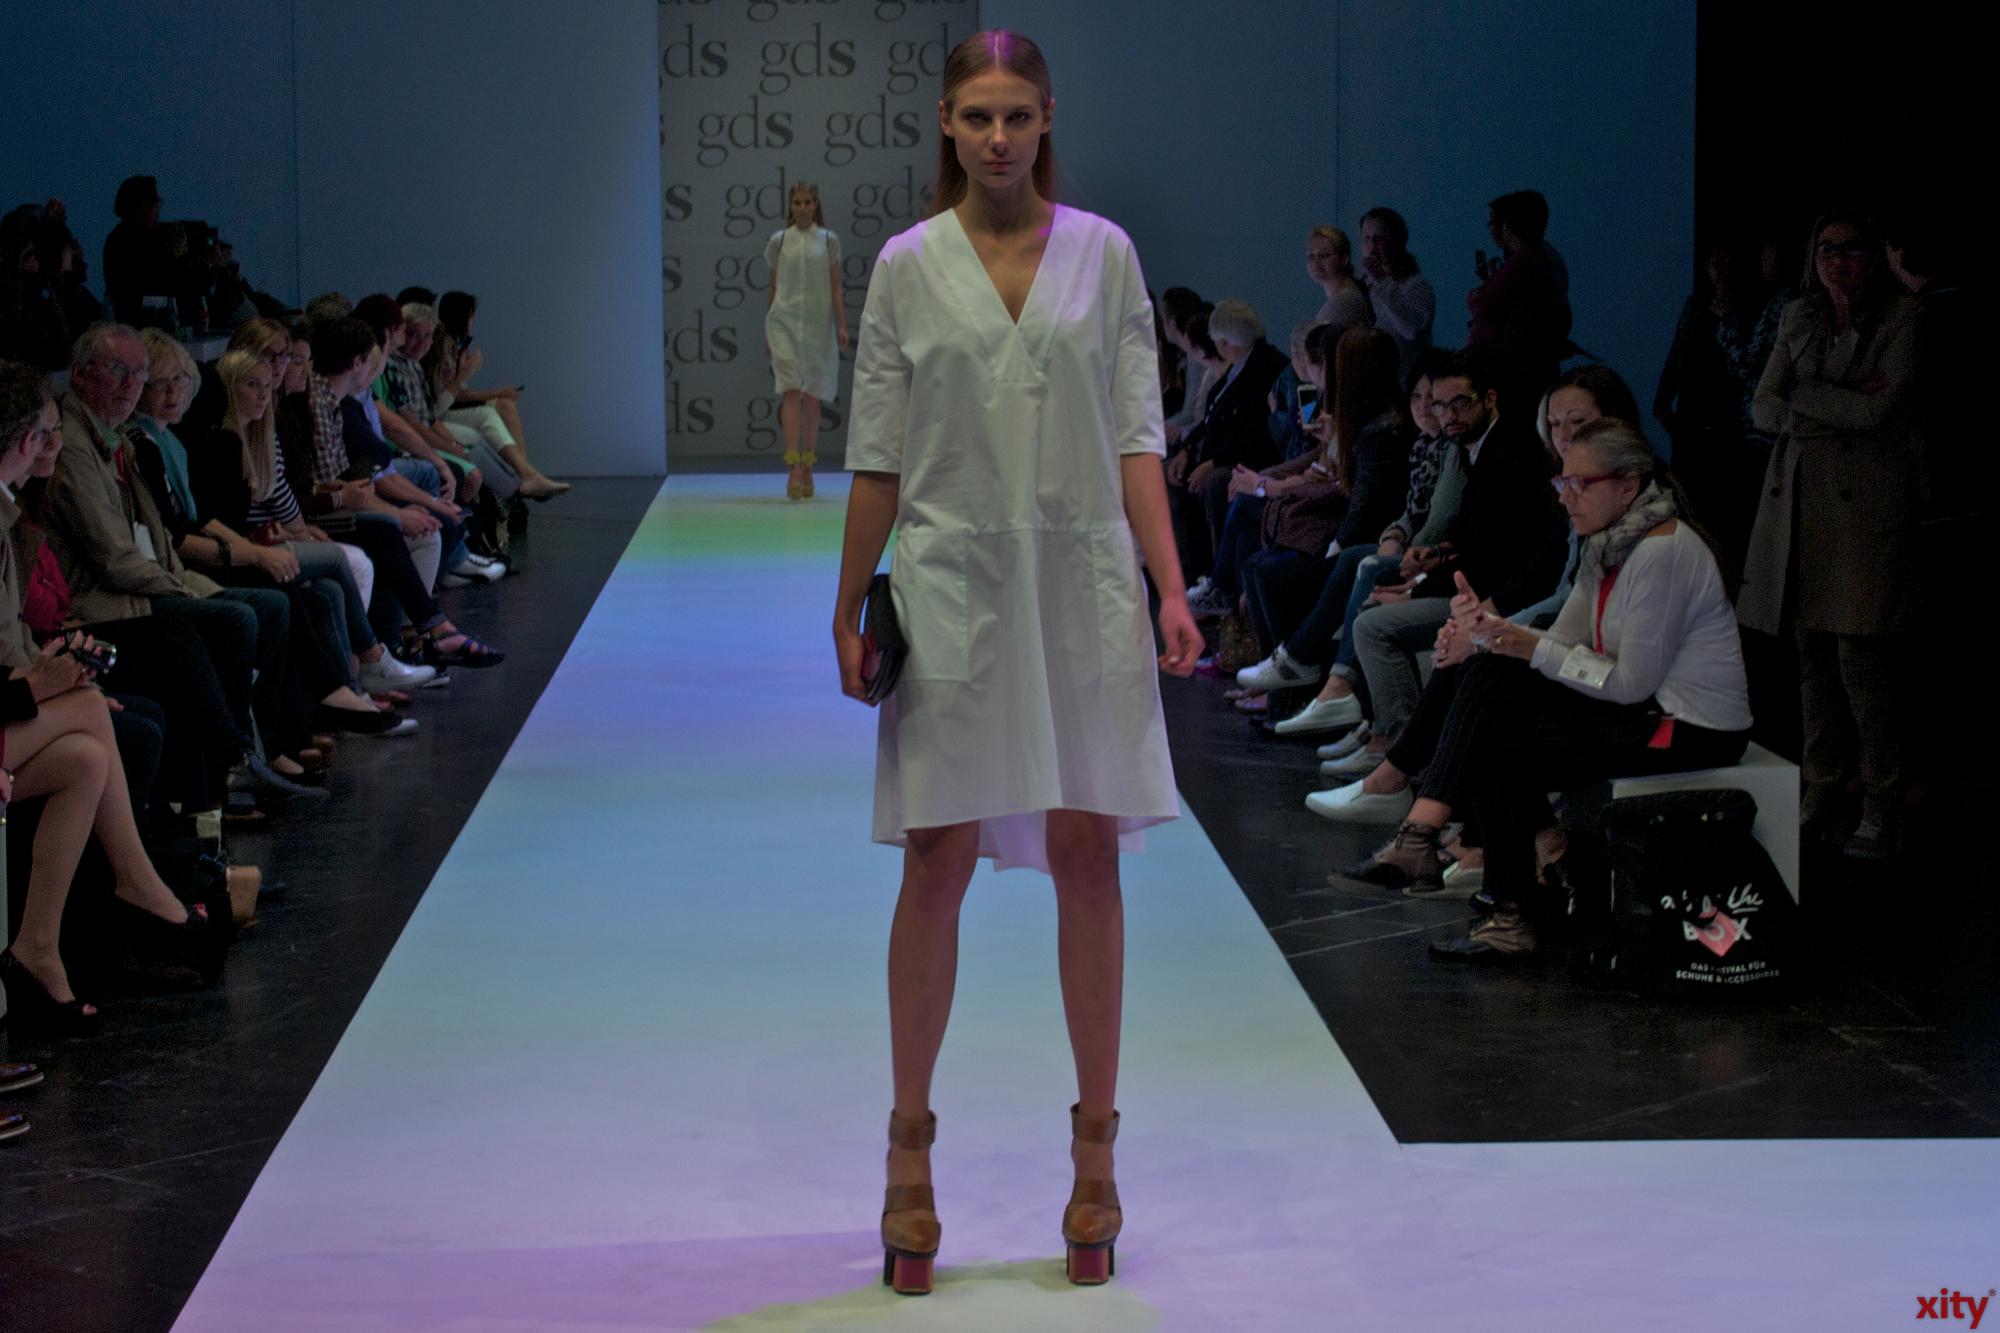 Natürlich standen die Füße der Models bei der GDS im Mittelpunkt (Foto: xity)